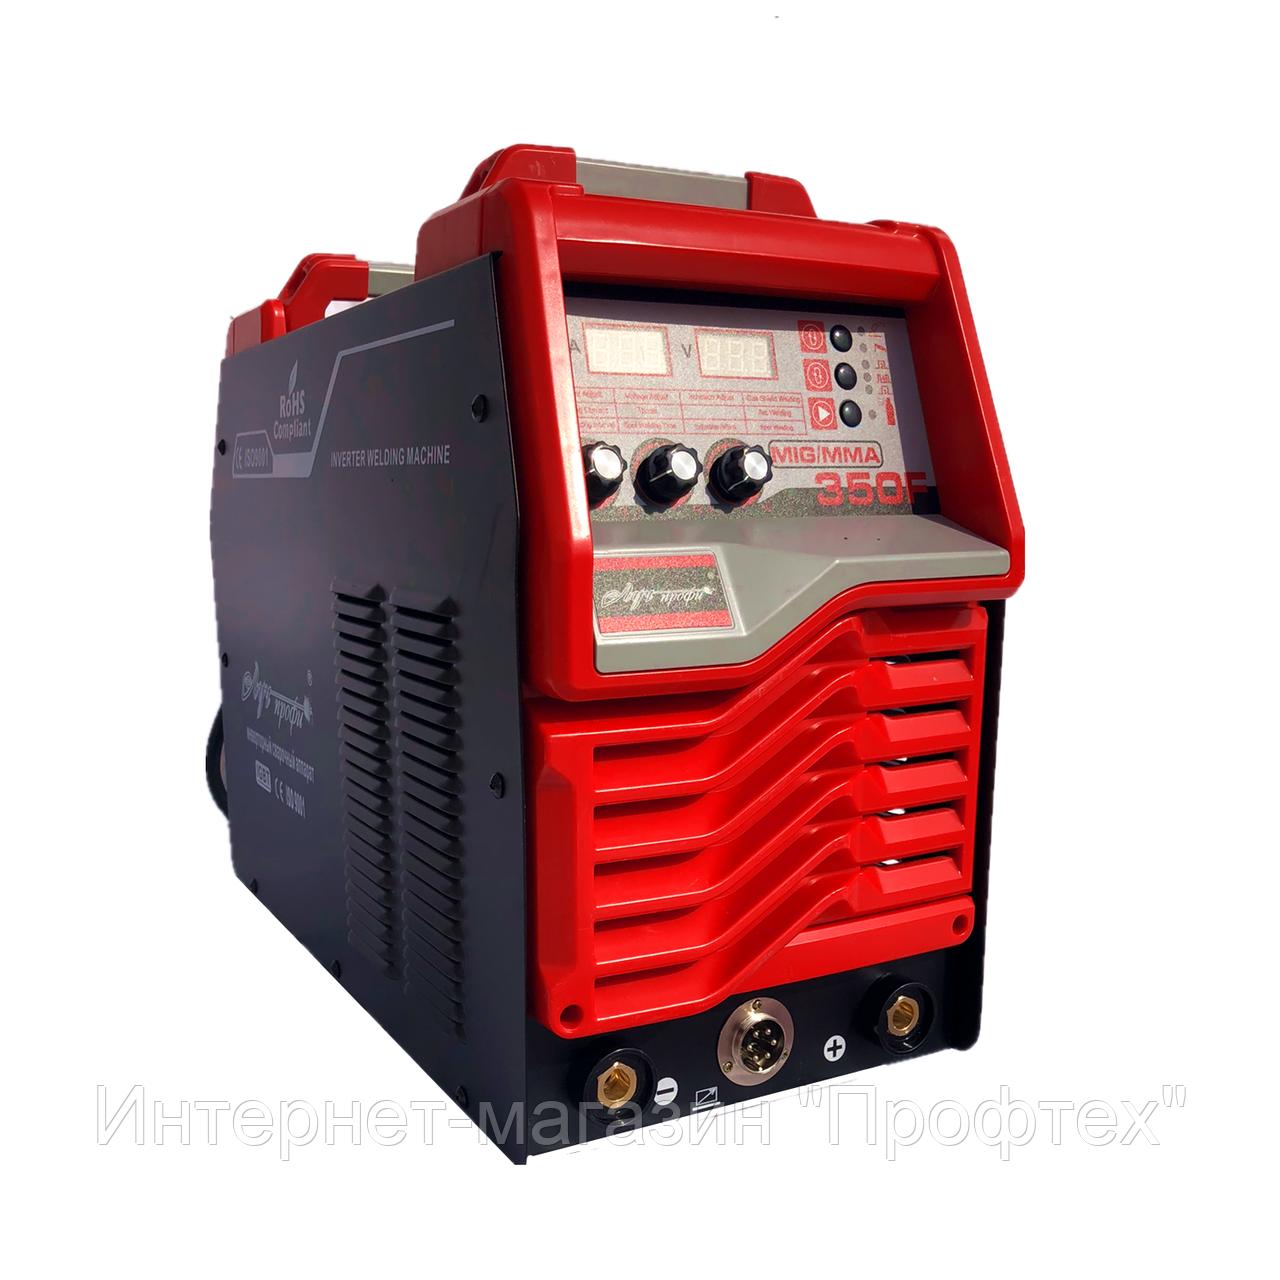 Промышленный полуавтомат Луч-профи MIG-350F